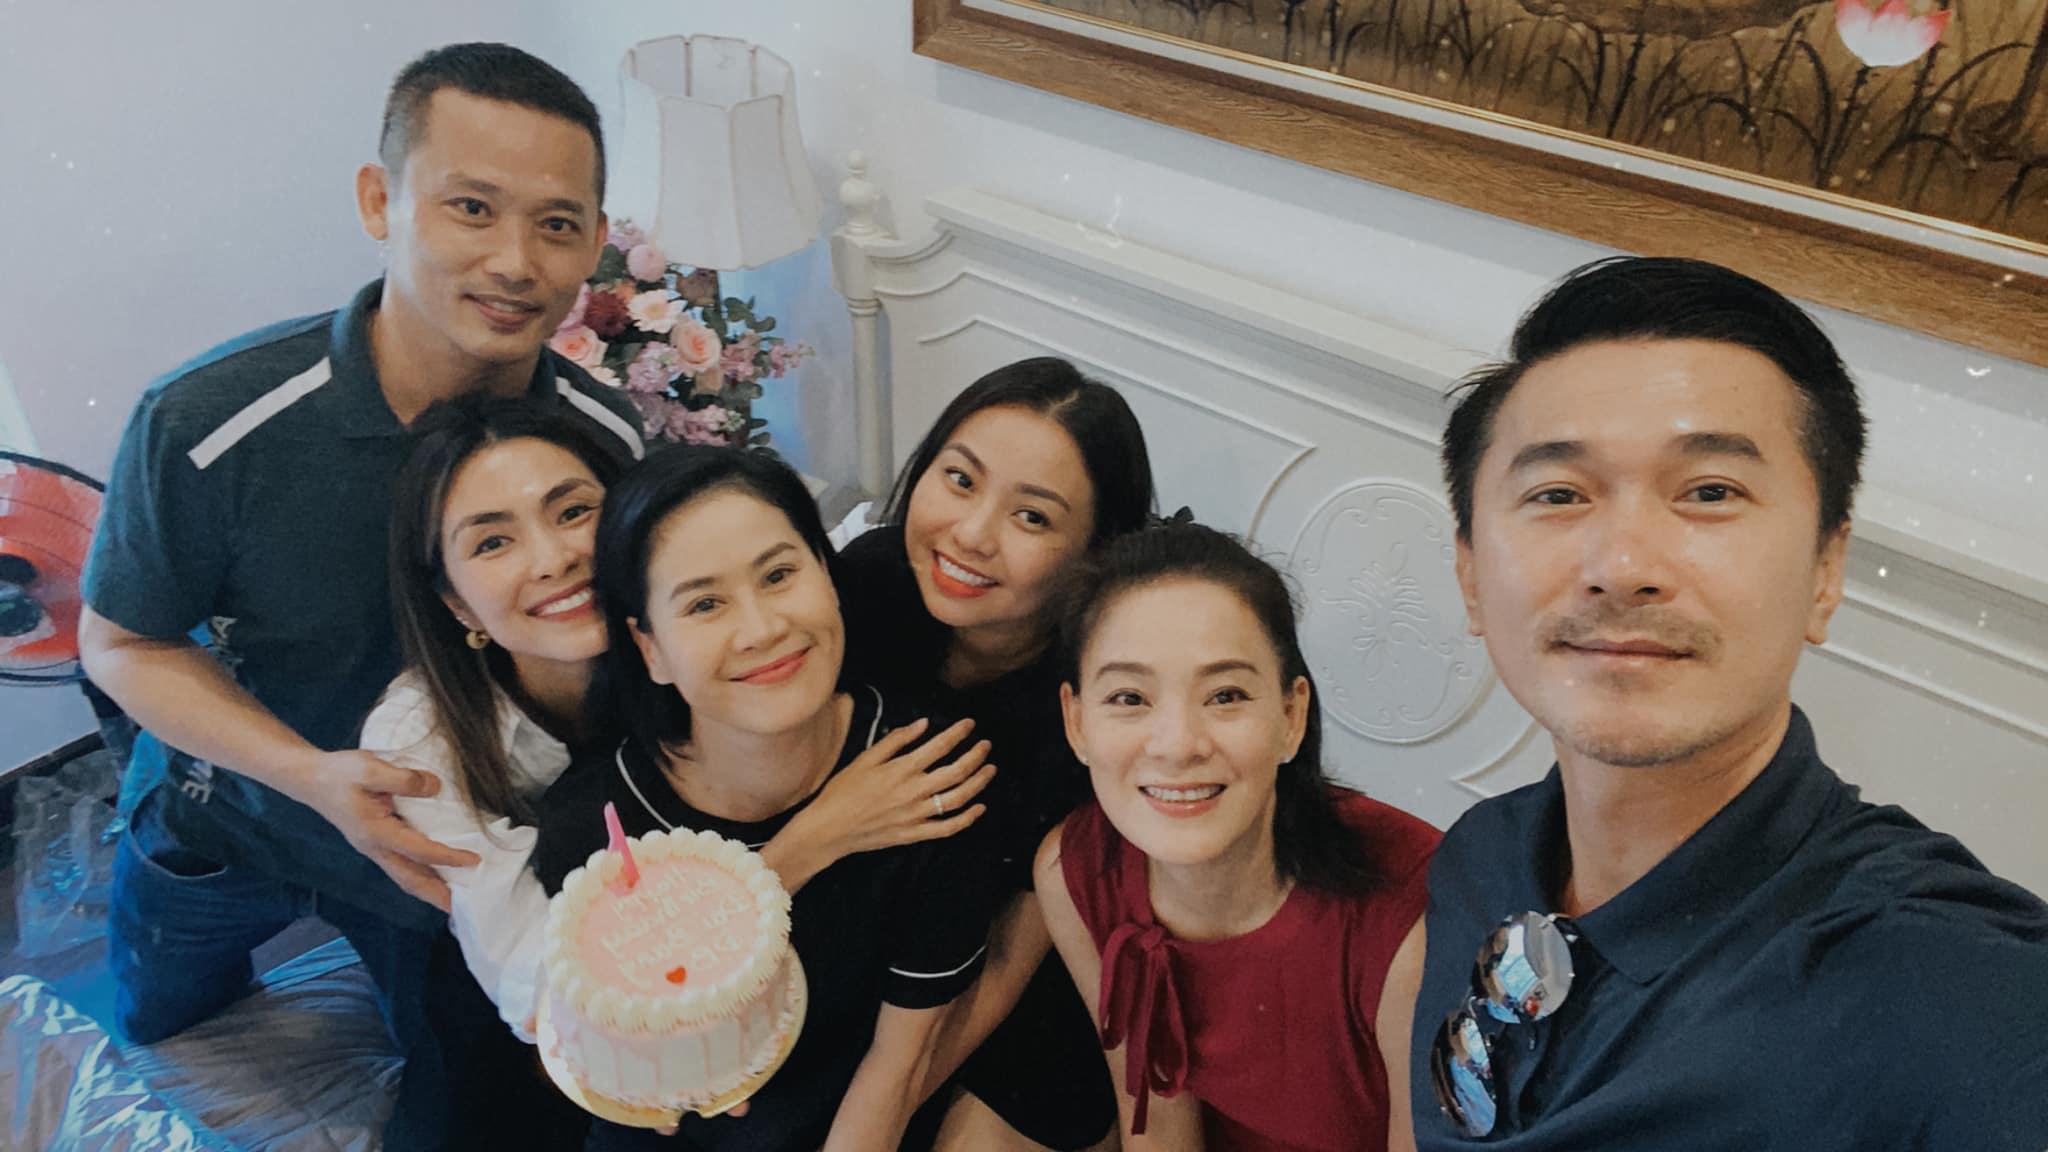 Hà Tăng cùng hội bạn thân tổ chức sinh nhật cho Thân Thúy Hà, không quên hờn dỗi đàn chị gắn bó hơn chục năm vì chuyện này?  Ảnh 3.